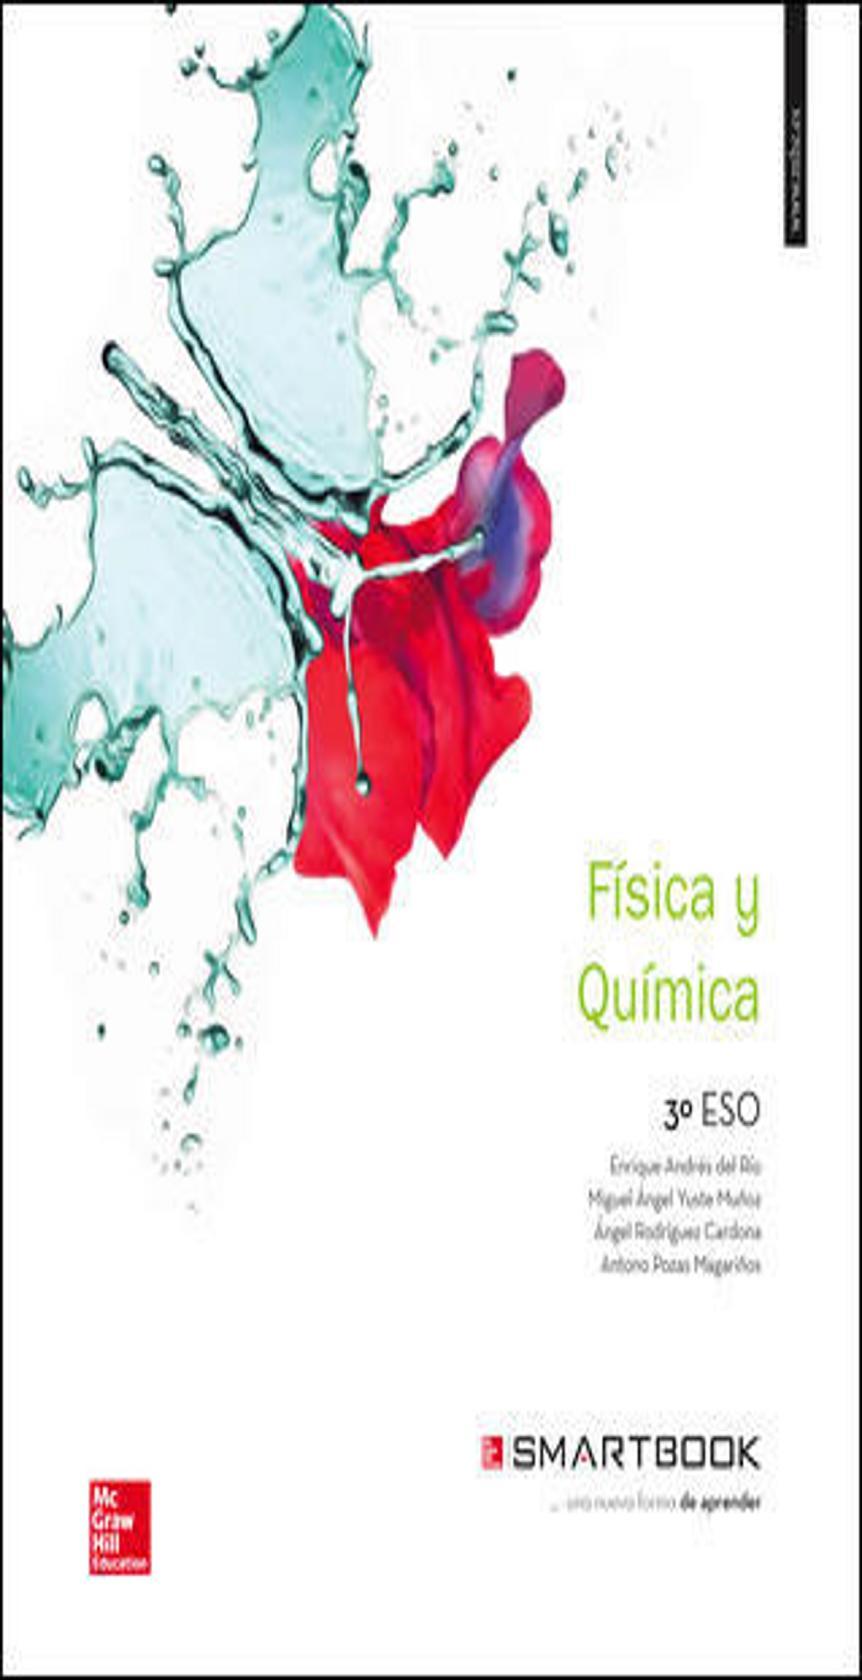 FISICA Y QUIMICA 3º ESO + Smartbook